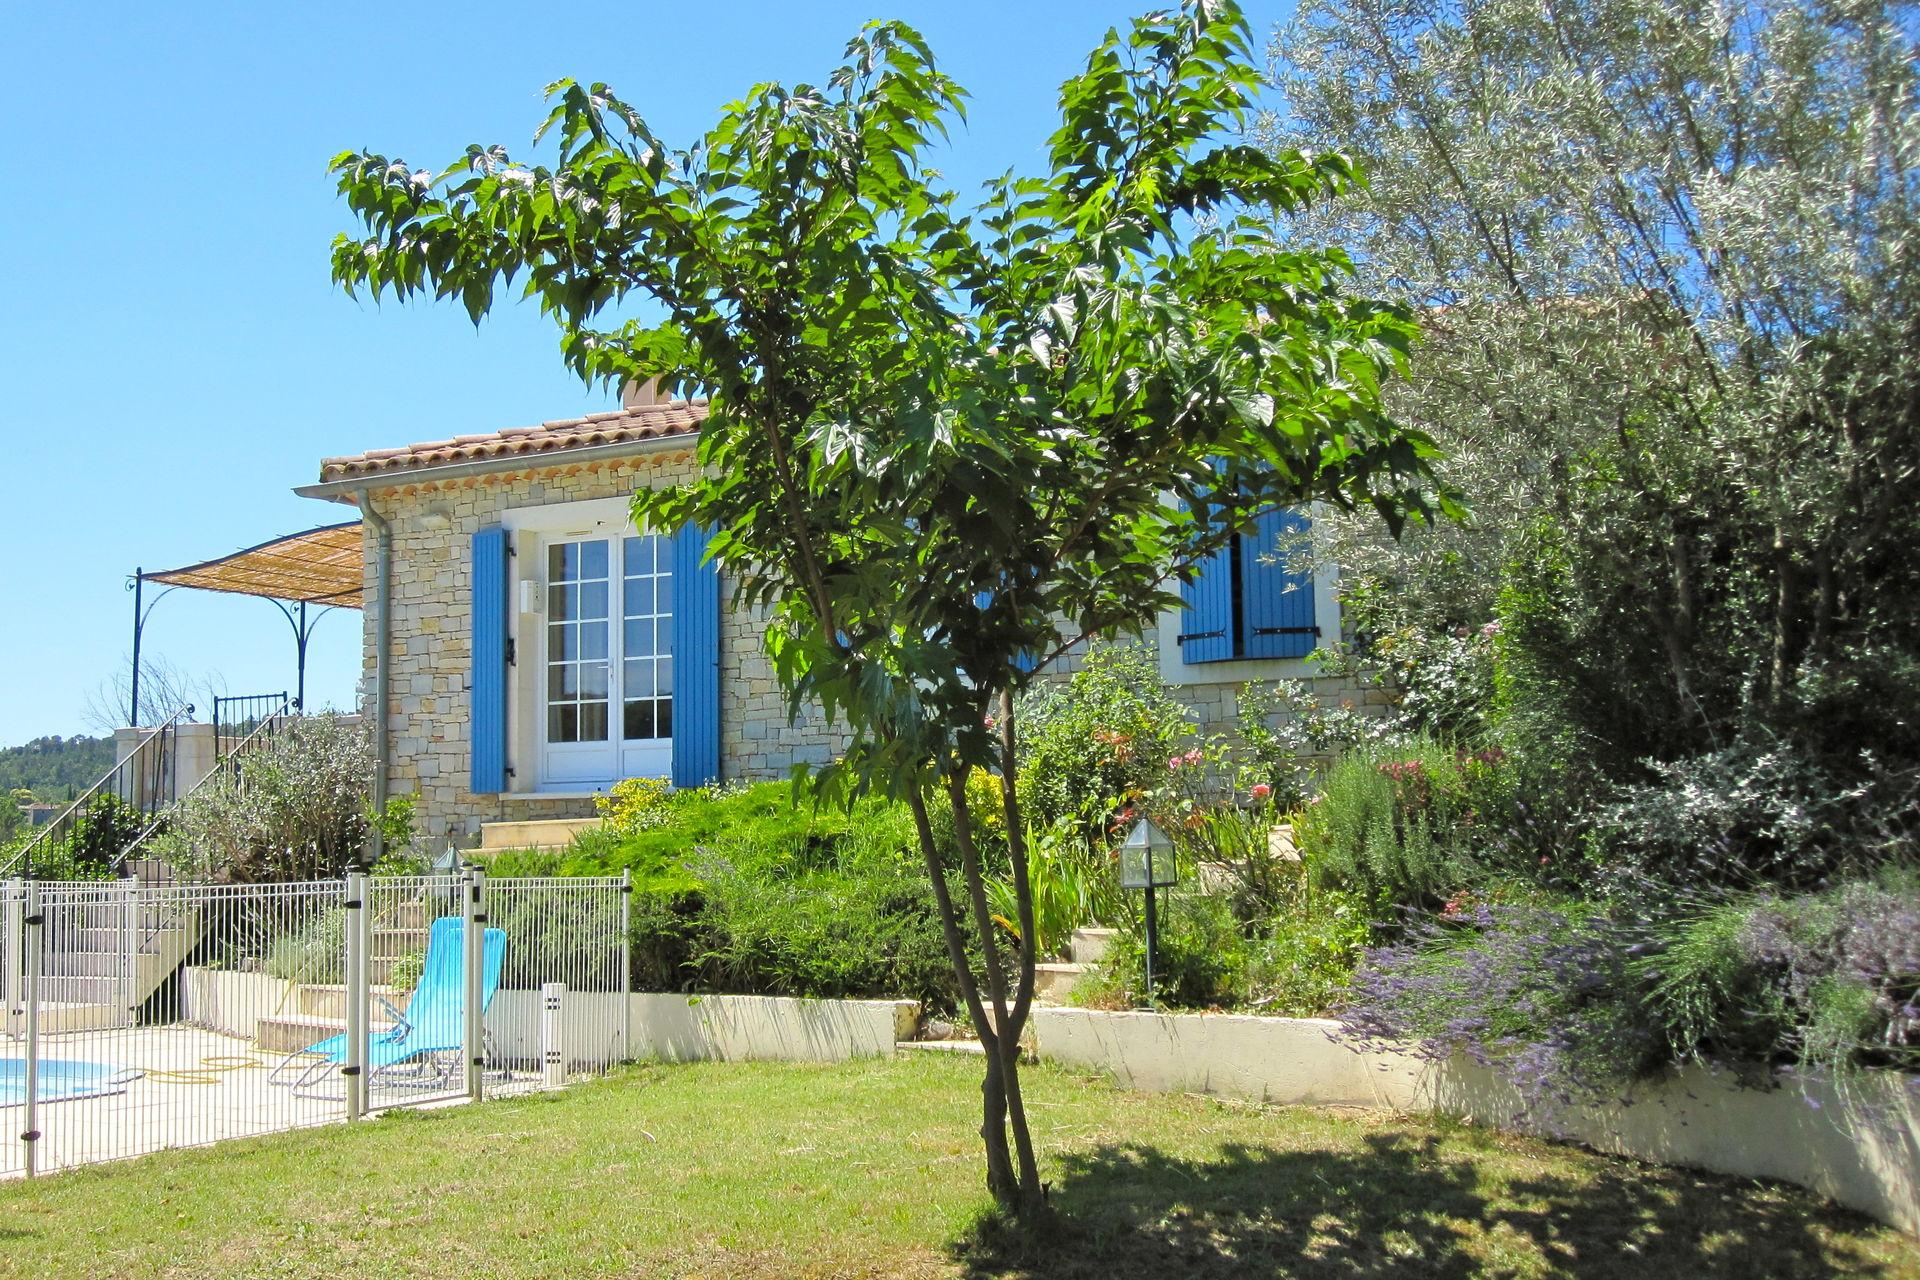 villa provenale avec piscine prive dans le sud de la france - Gites De France Avec Piscine Privee